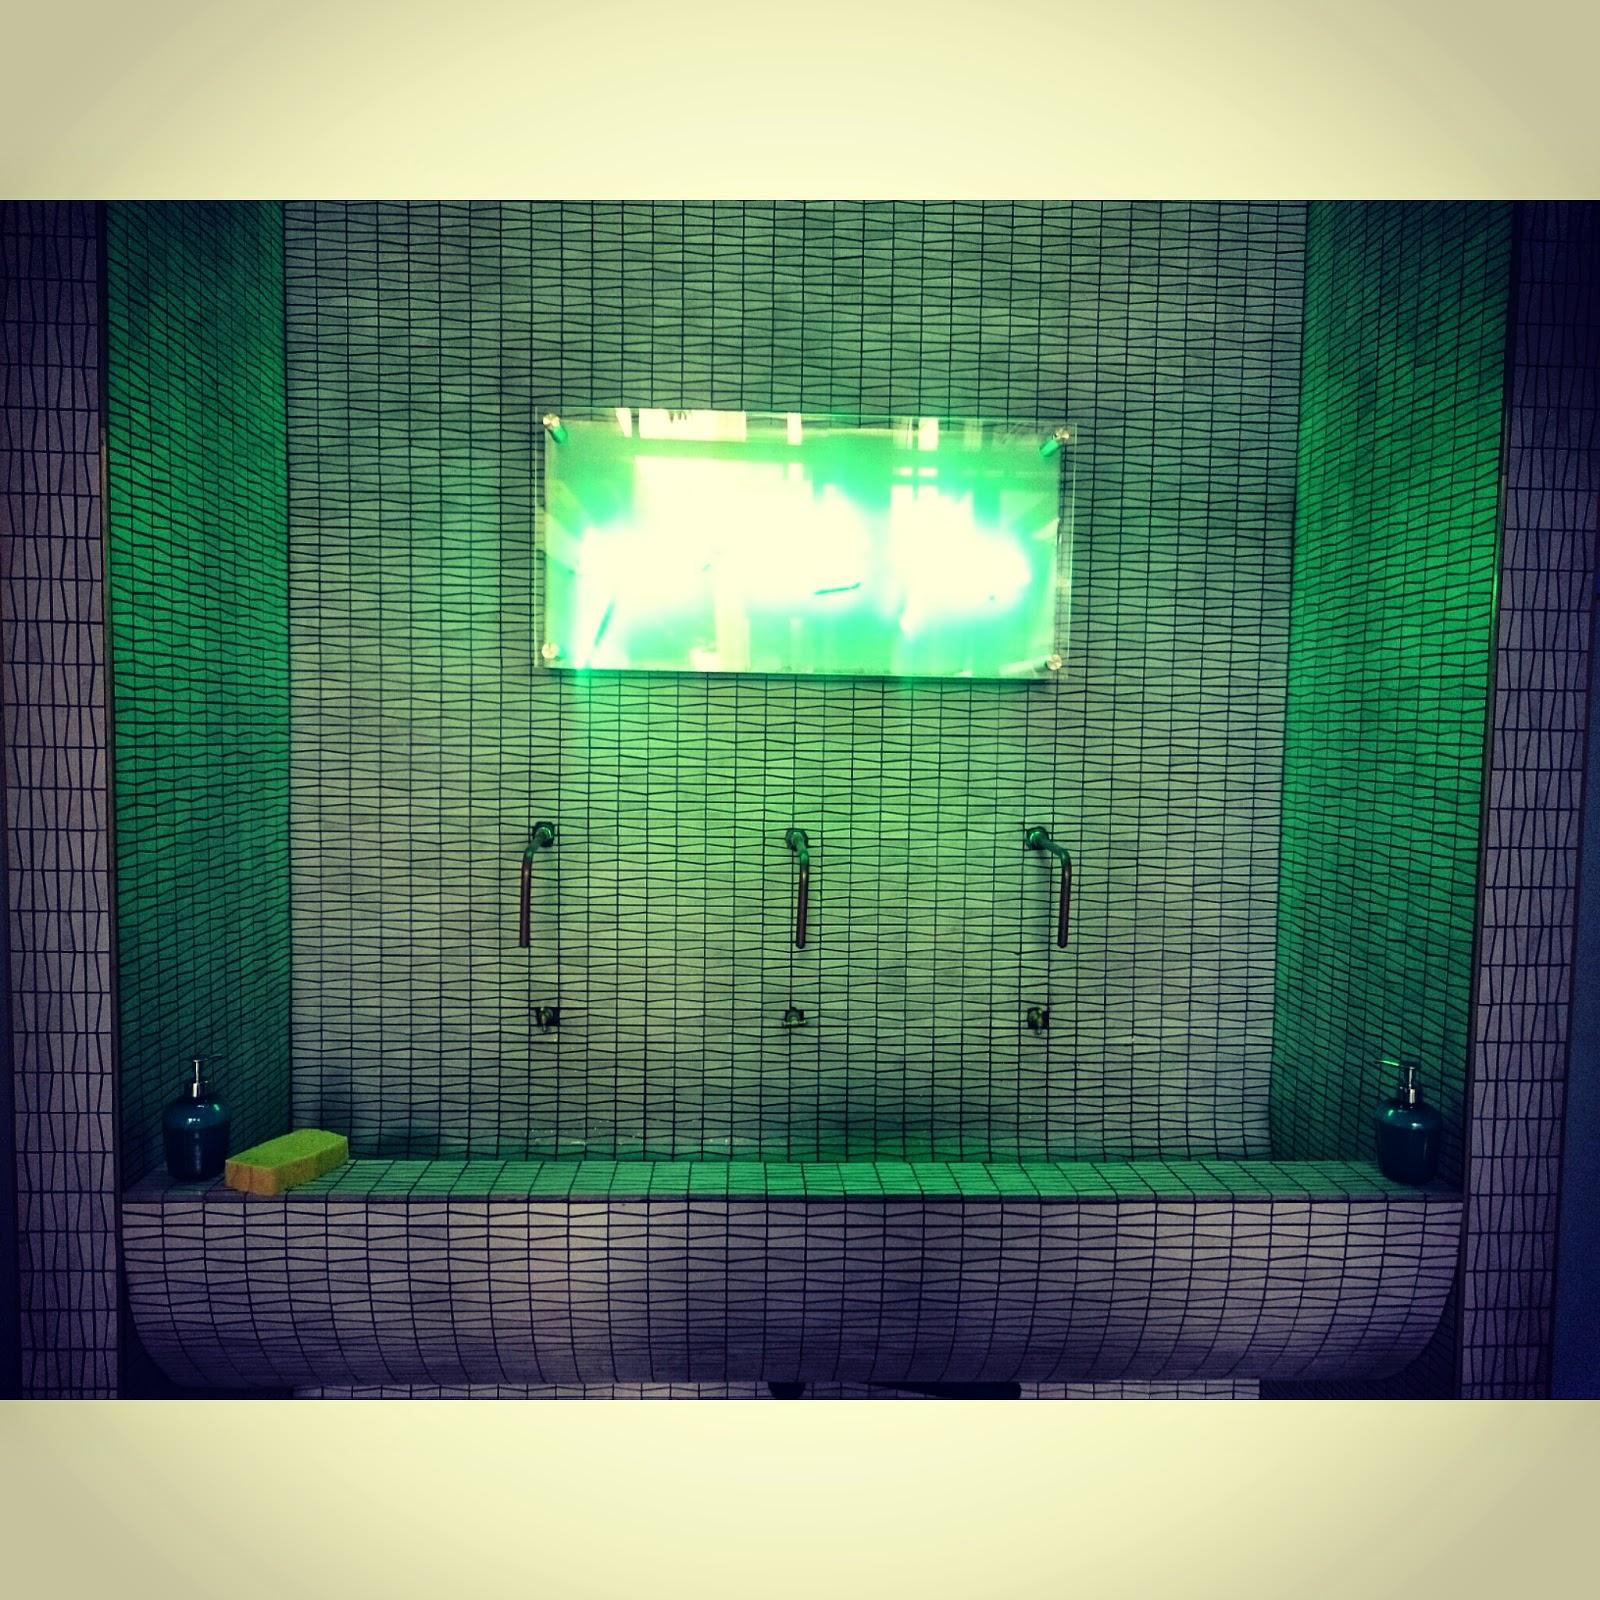 Bathroom Mirror You Look Fine suelicious : pulppapa palheta